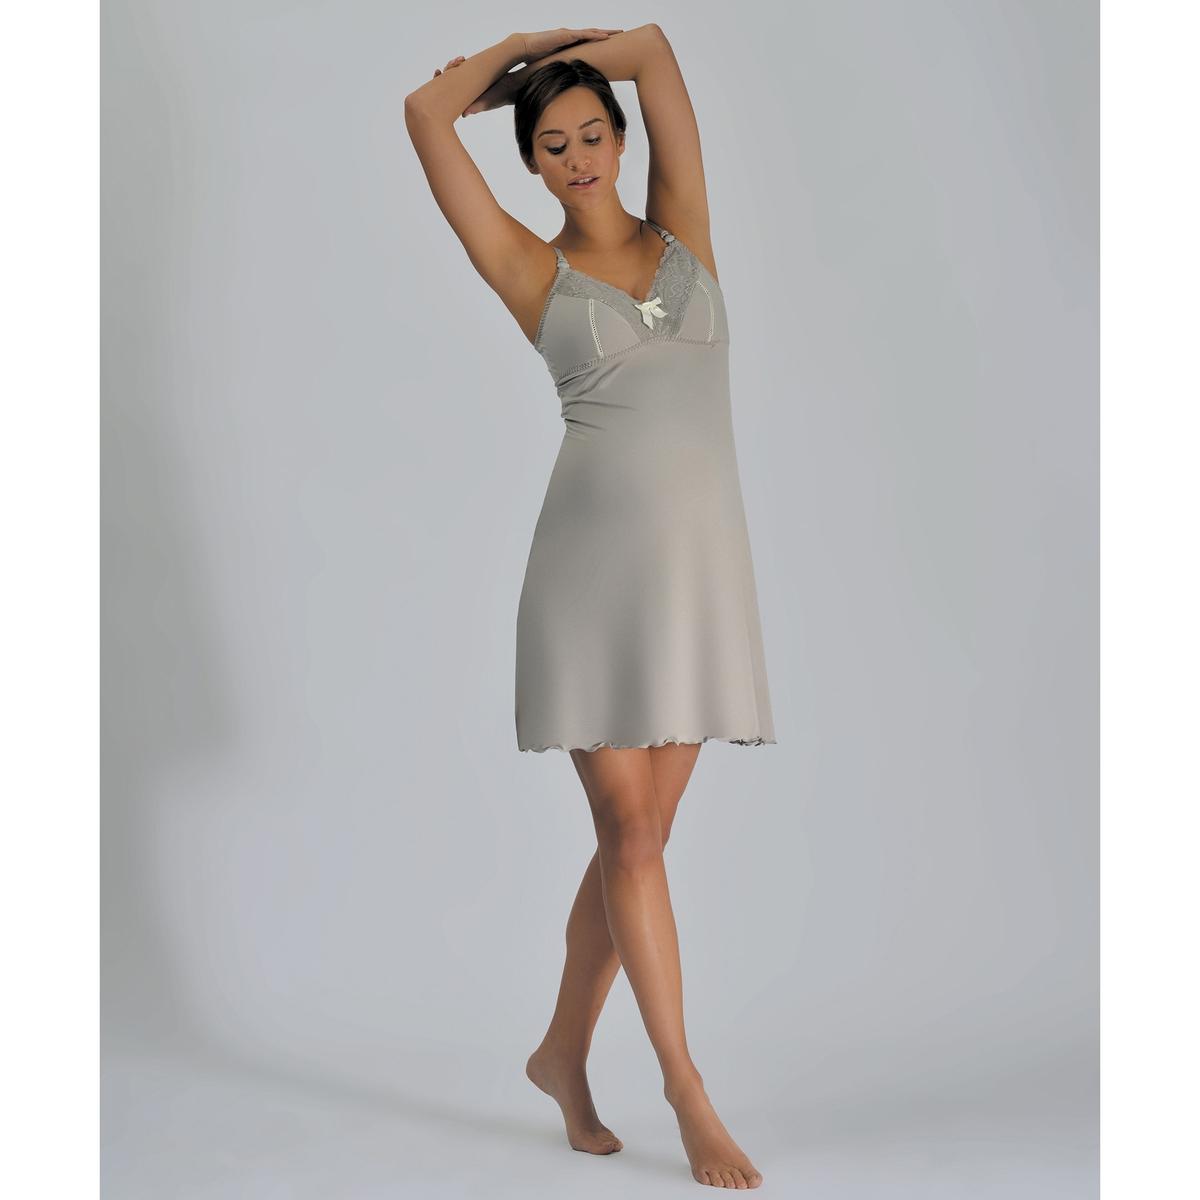 Рубашка ночная для периода беременности и грудного вскармливания LISA рубашка ночная из кружева